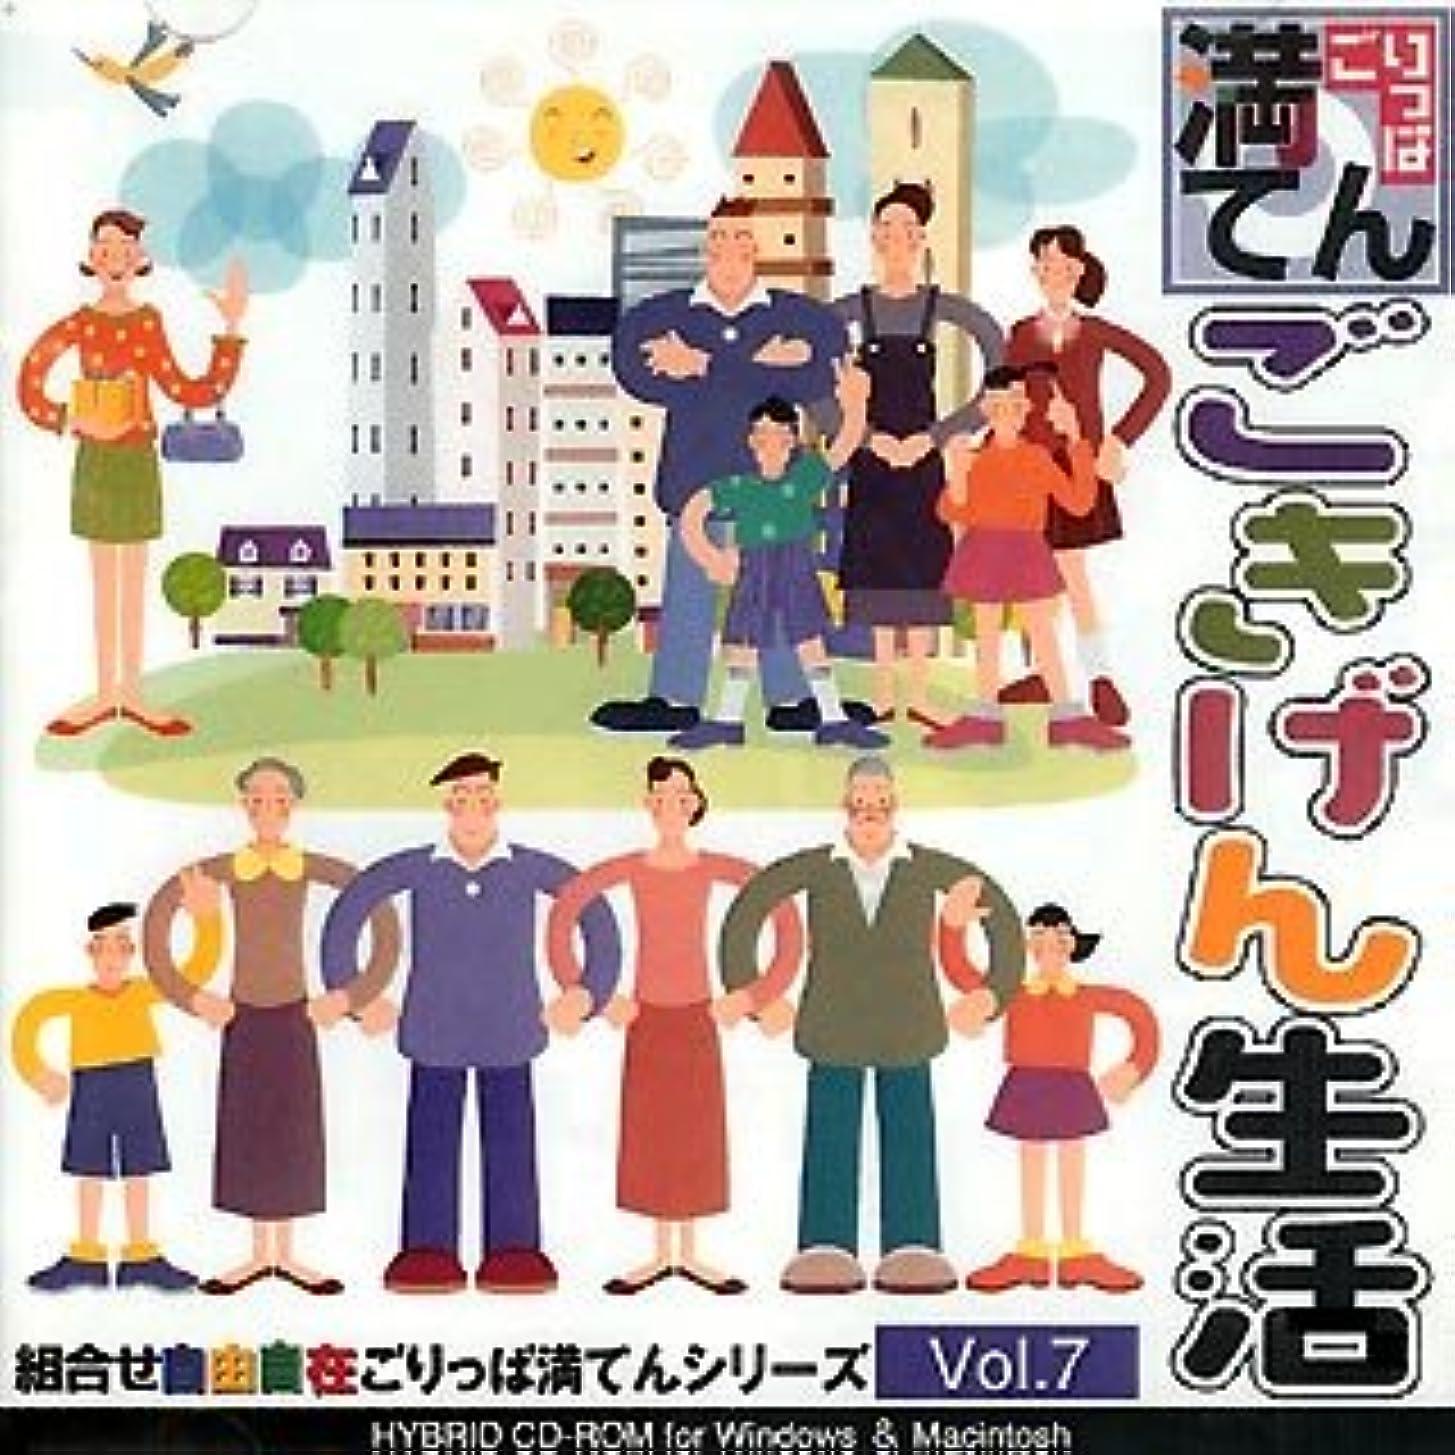 魅惑するアマチュア保証するごりっぱ満てんシリーズ Vol.7「ごきげん生活」